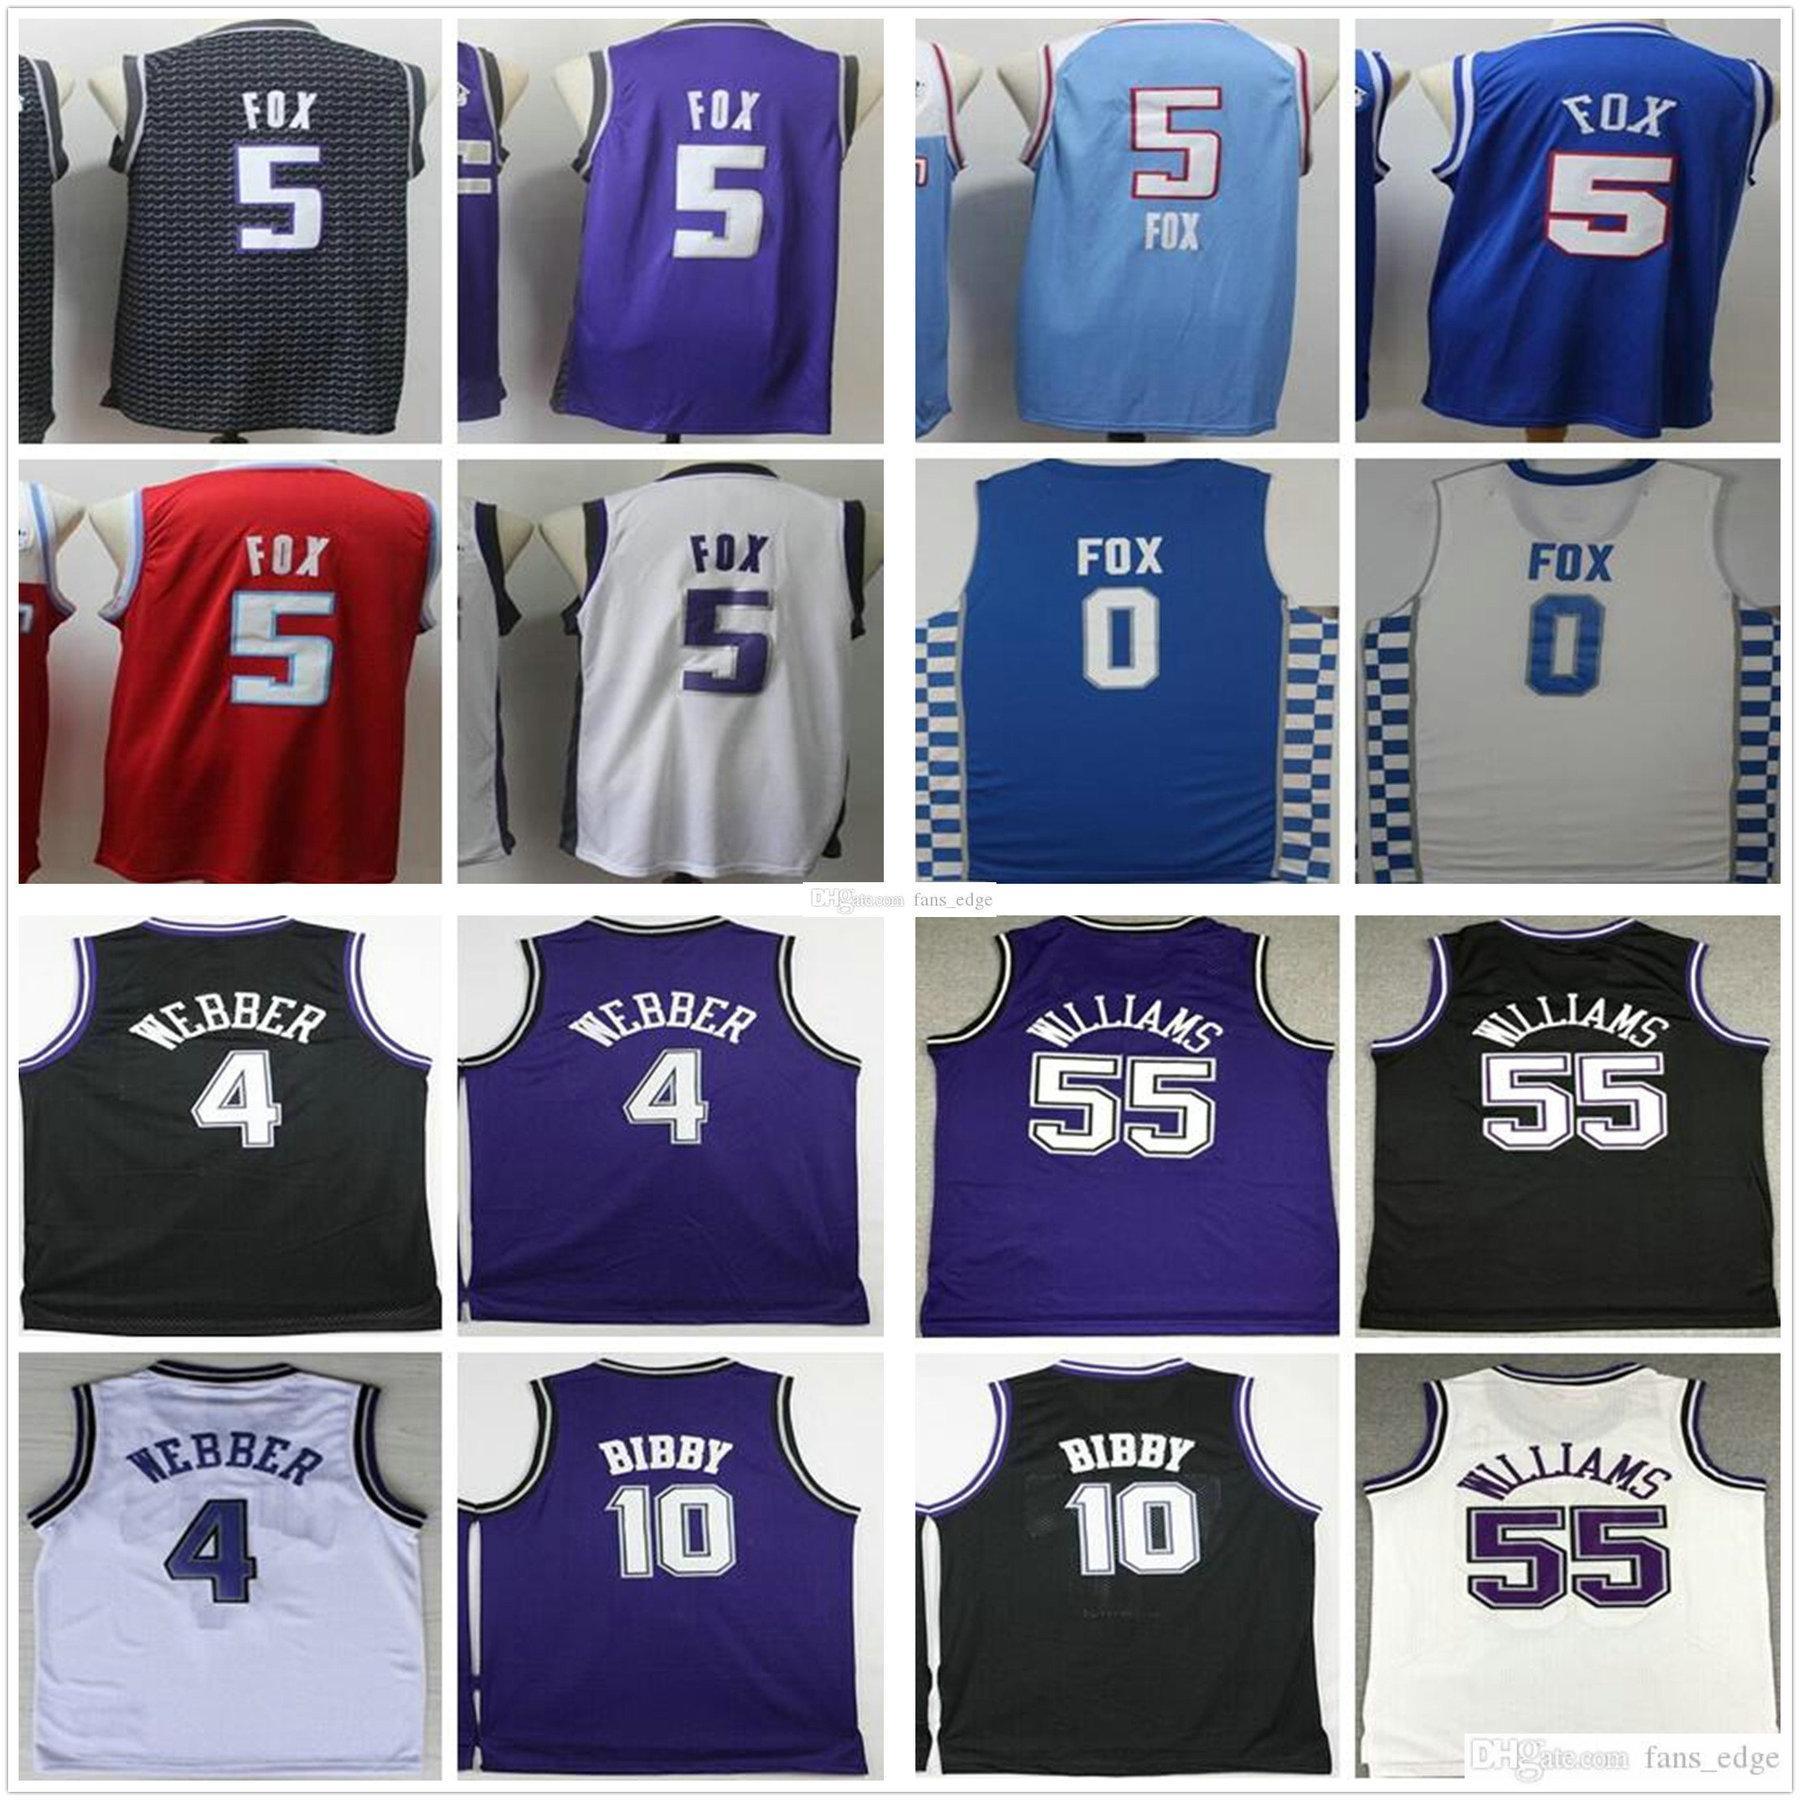 NCAA Erkek Sacramento Deaaron 5 Fox Krallar Mor Siyah Beyaz Mavi Retro Vintage 4 Webber Mike 10 Bibby Jason 55 Williams Basketbol Formaları